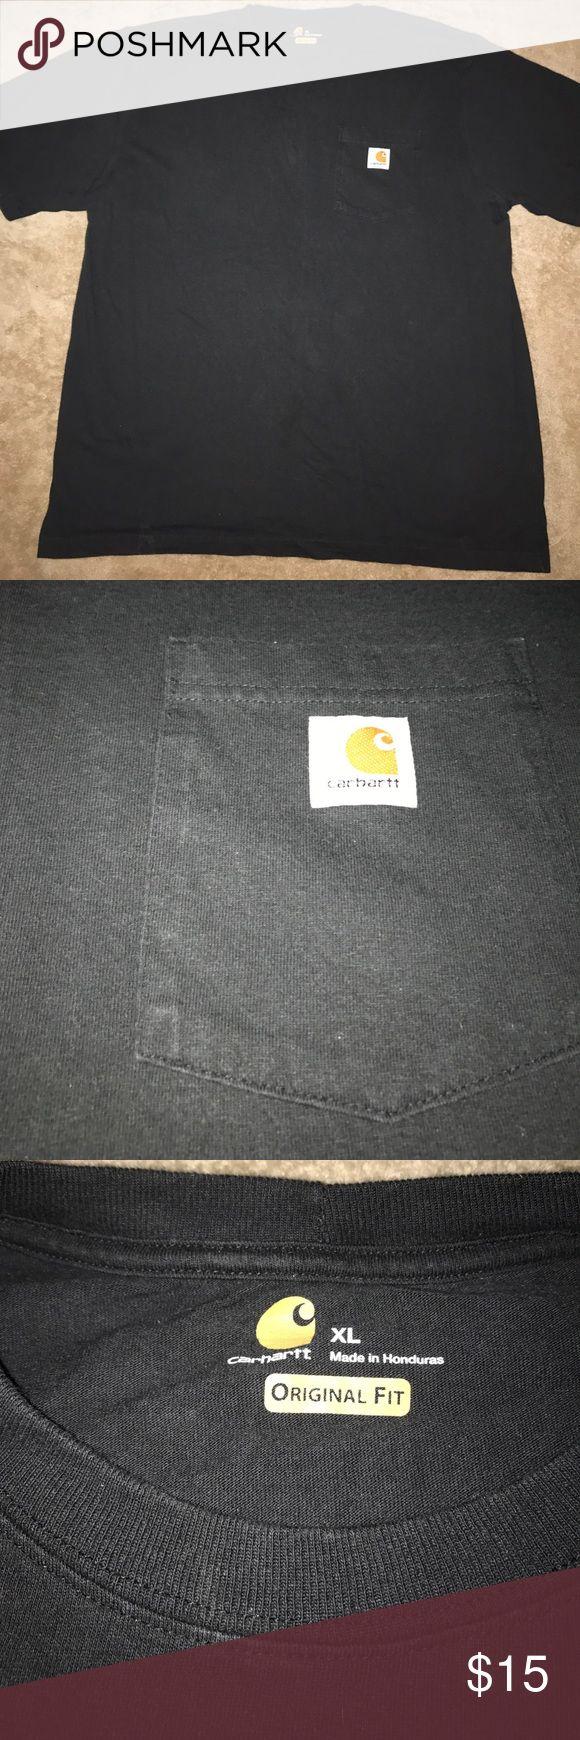 ❗️Carhartt Work Shirt Xl- front pocket Carhartt Shirts Tees - Short Sleeve